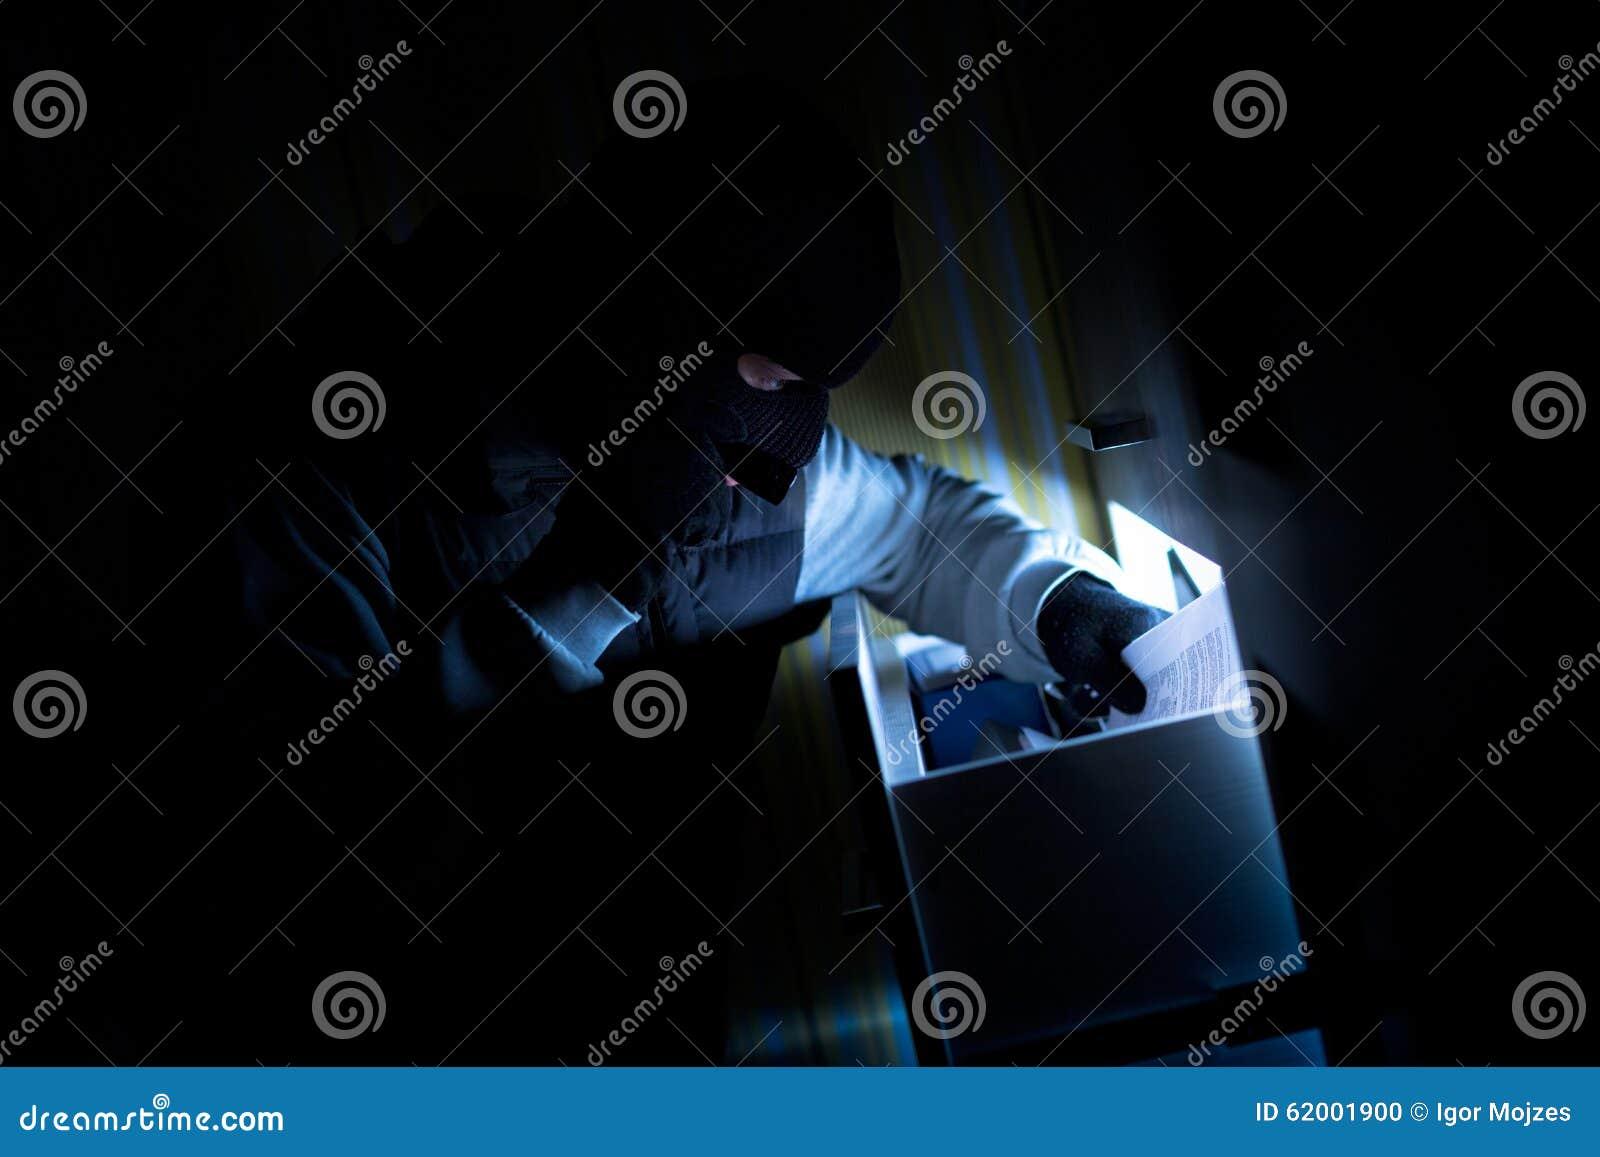 Lo scassinatore prende i documenti confidenziali